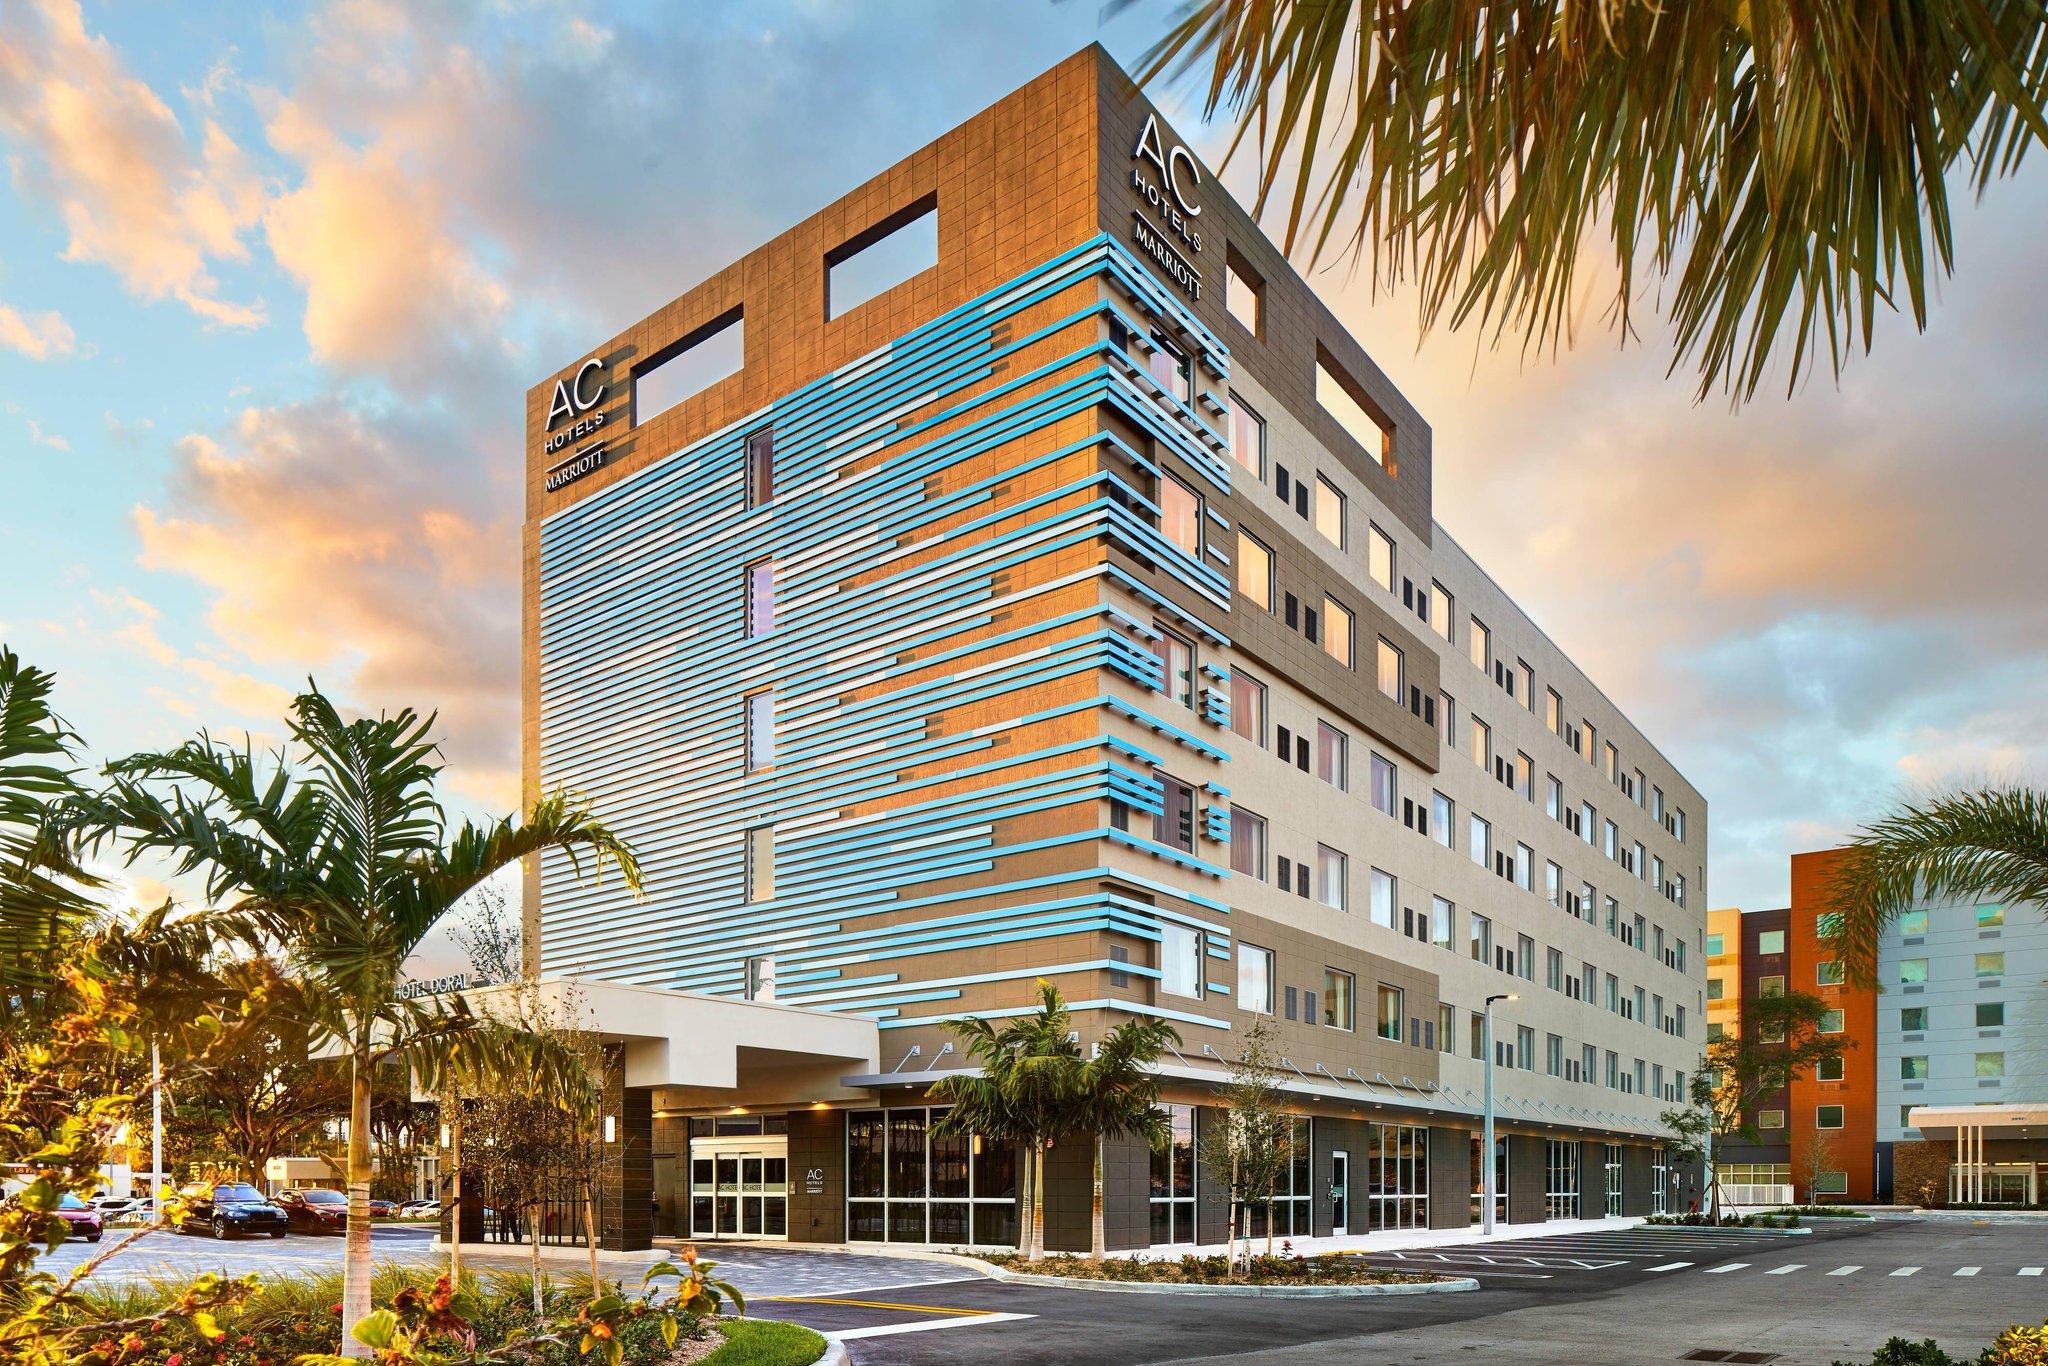 AC Hotel 3